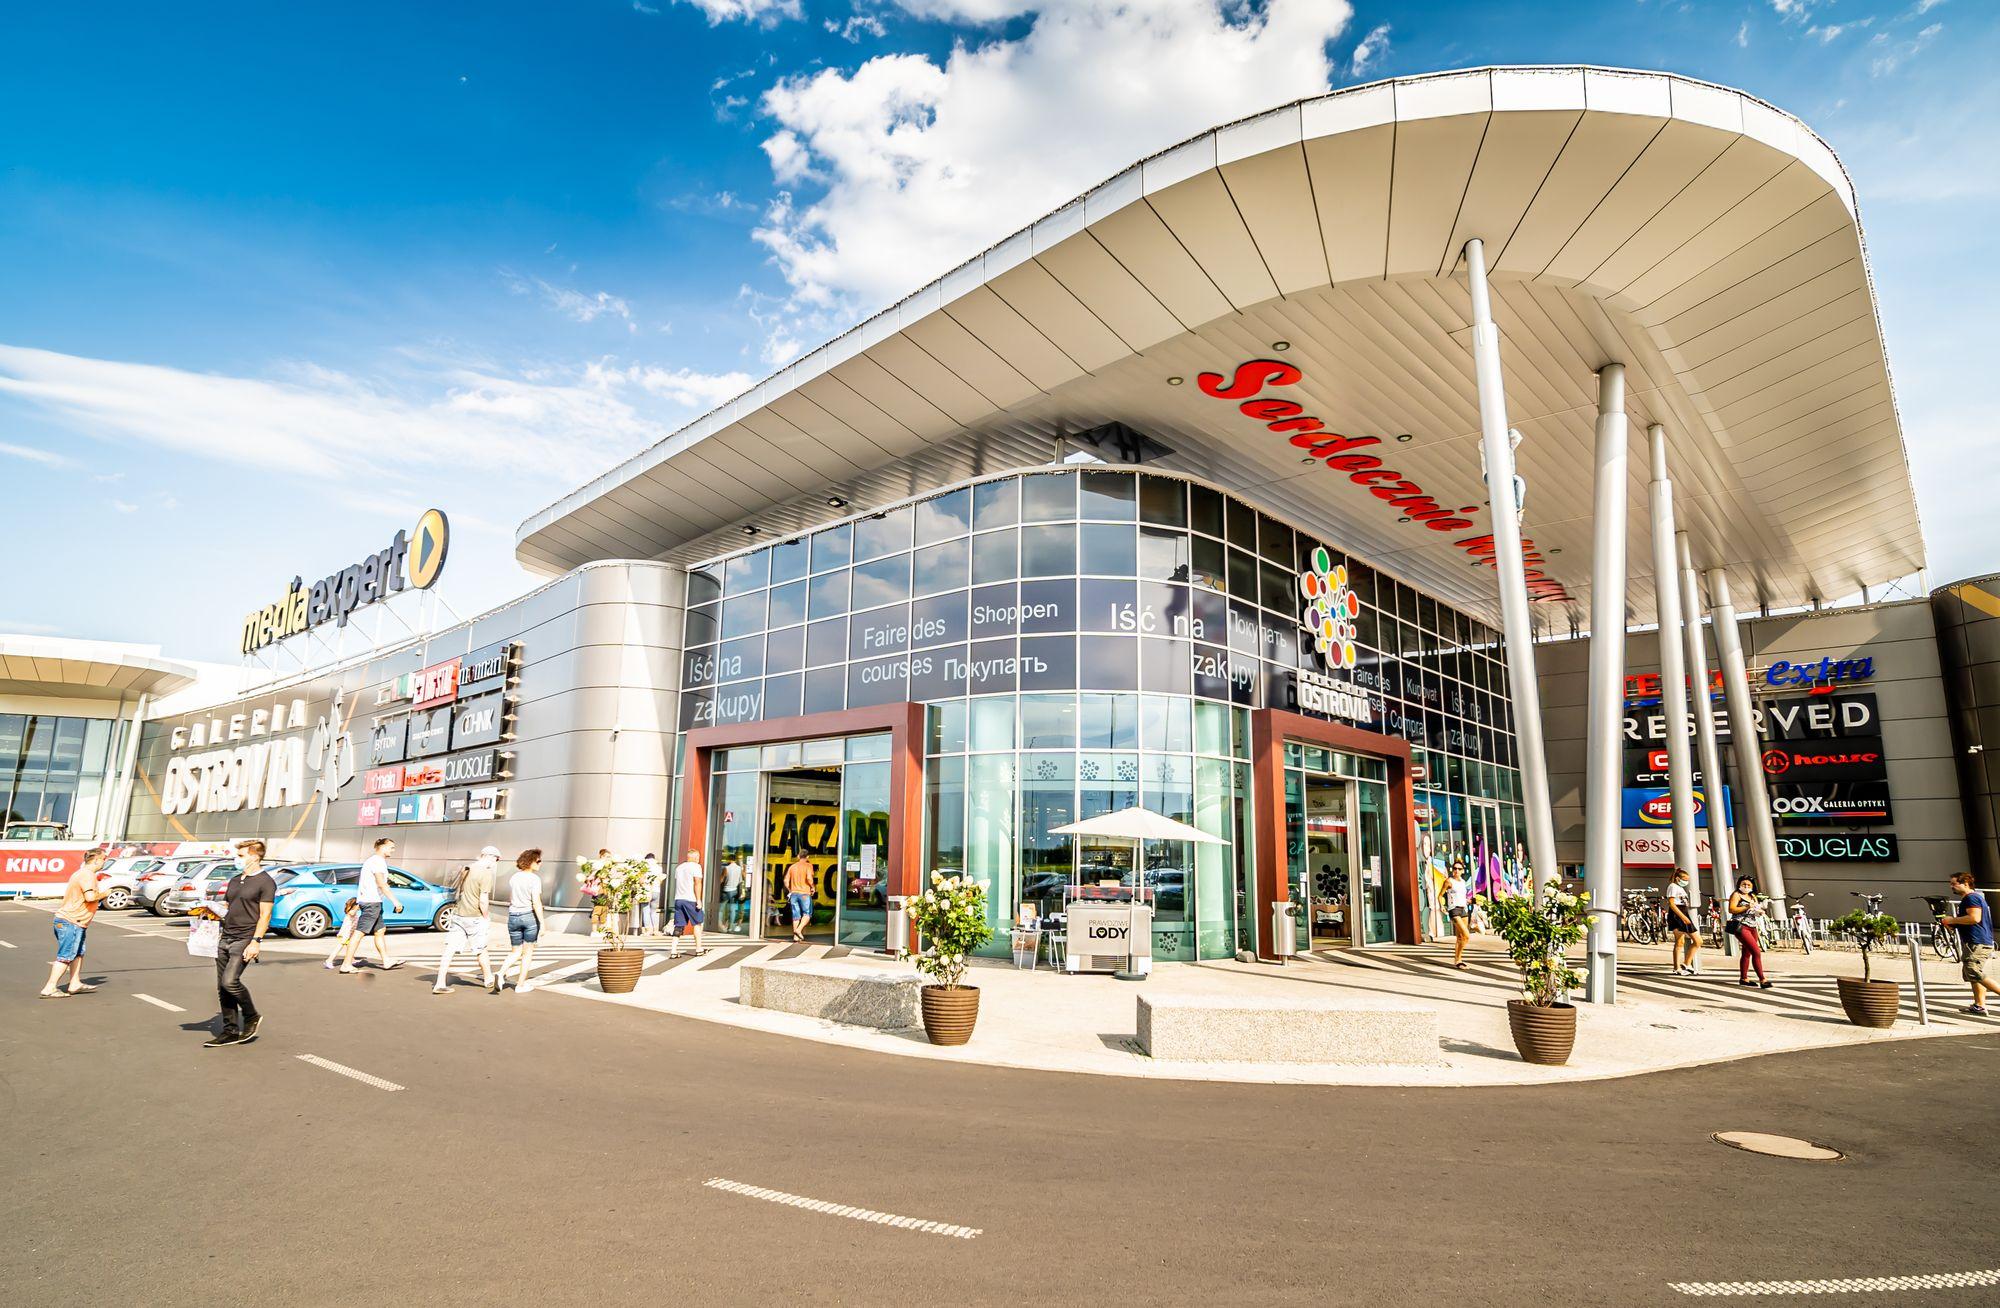 Sesje fotograficzne i zdjęcia centrów handlowych - Galeria Ostrovia-1 - Impatientstudio.pl